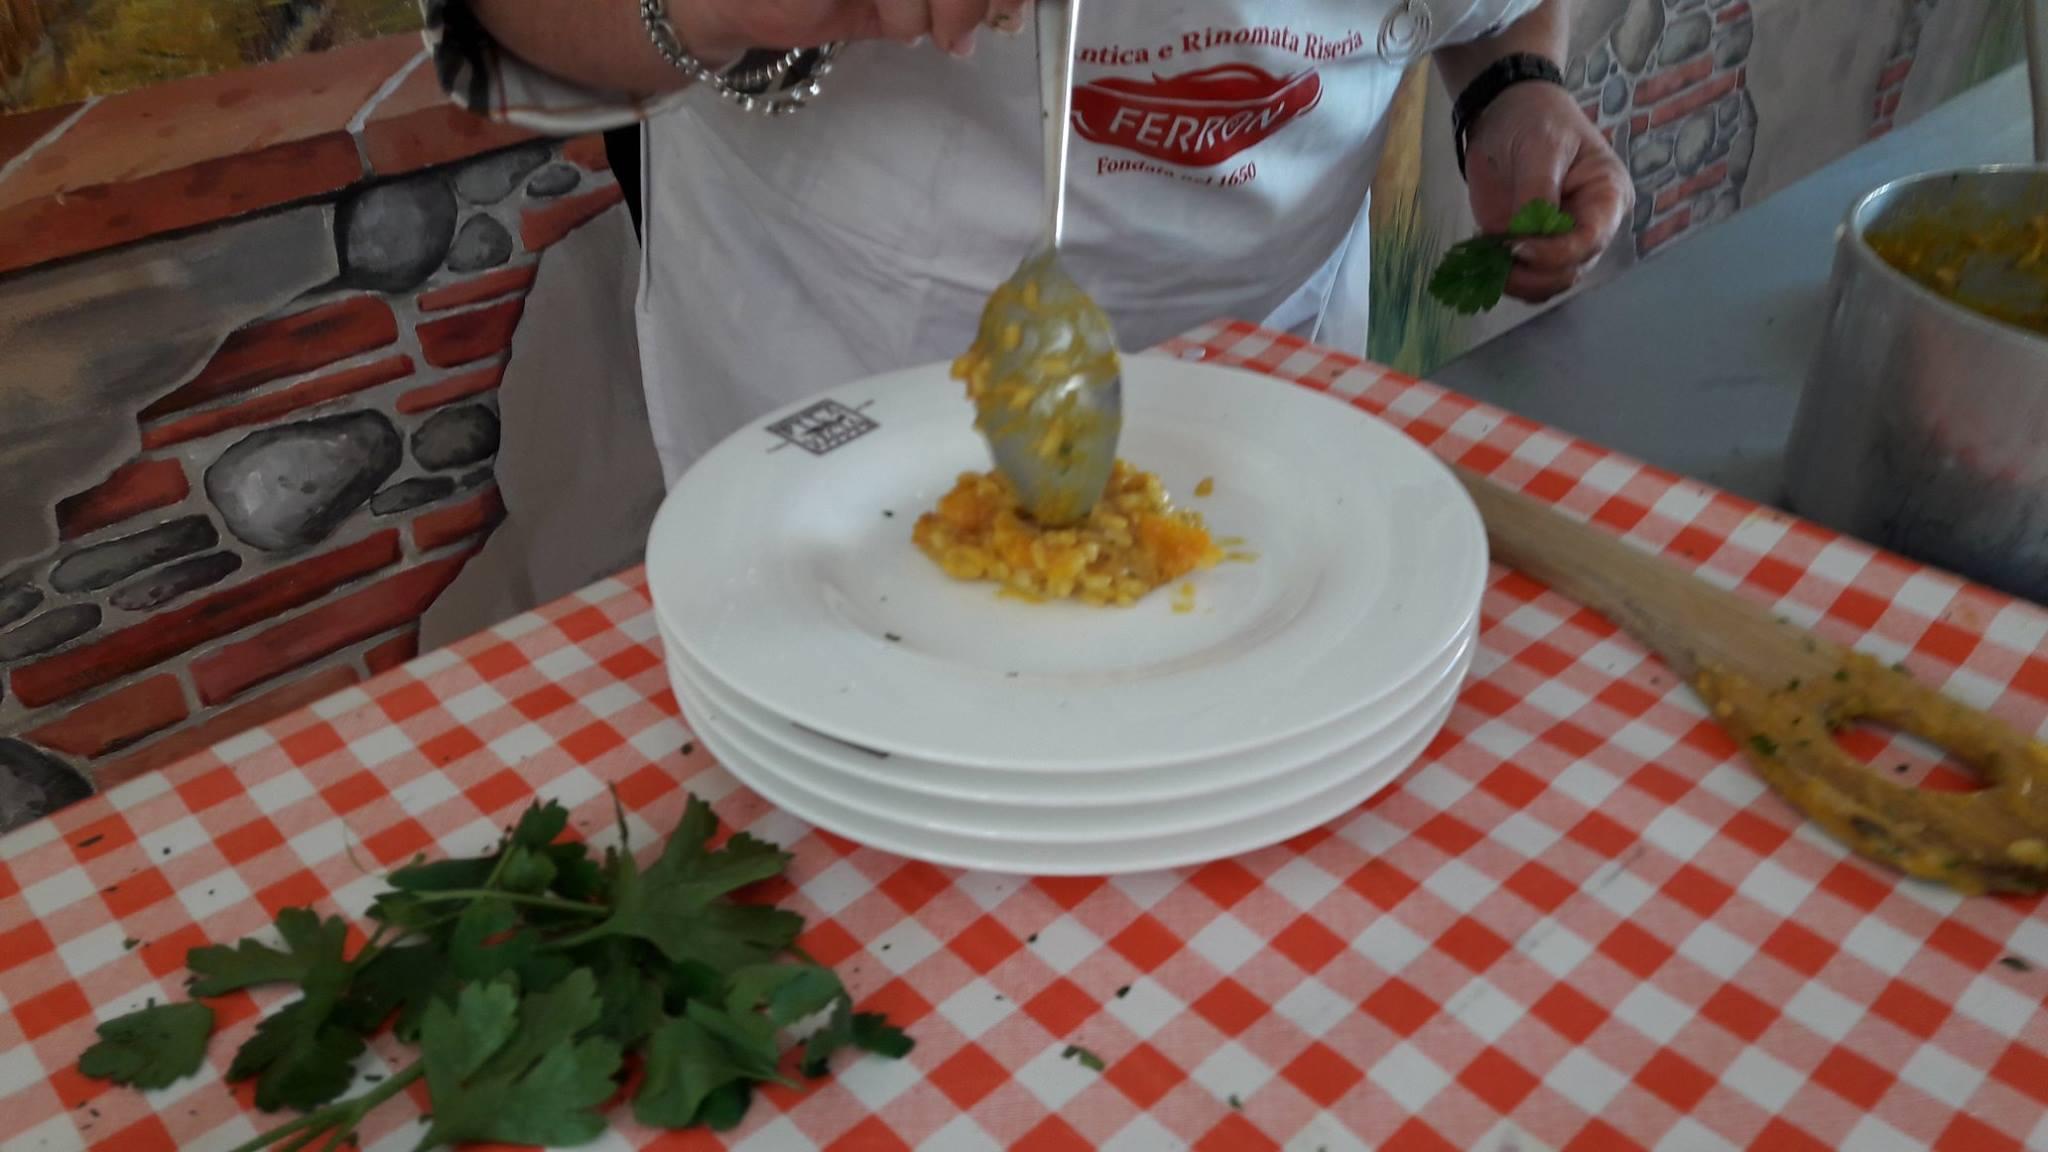 Risotto all'Amarone, agli agrumi, alla zucca e agli amaretti, all'isolana, insomma risotti per ogni gusto, tutti da provare a Verona